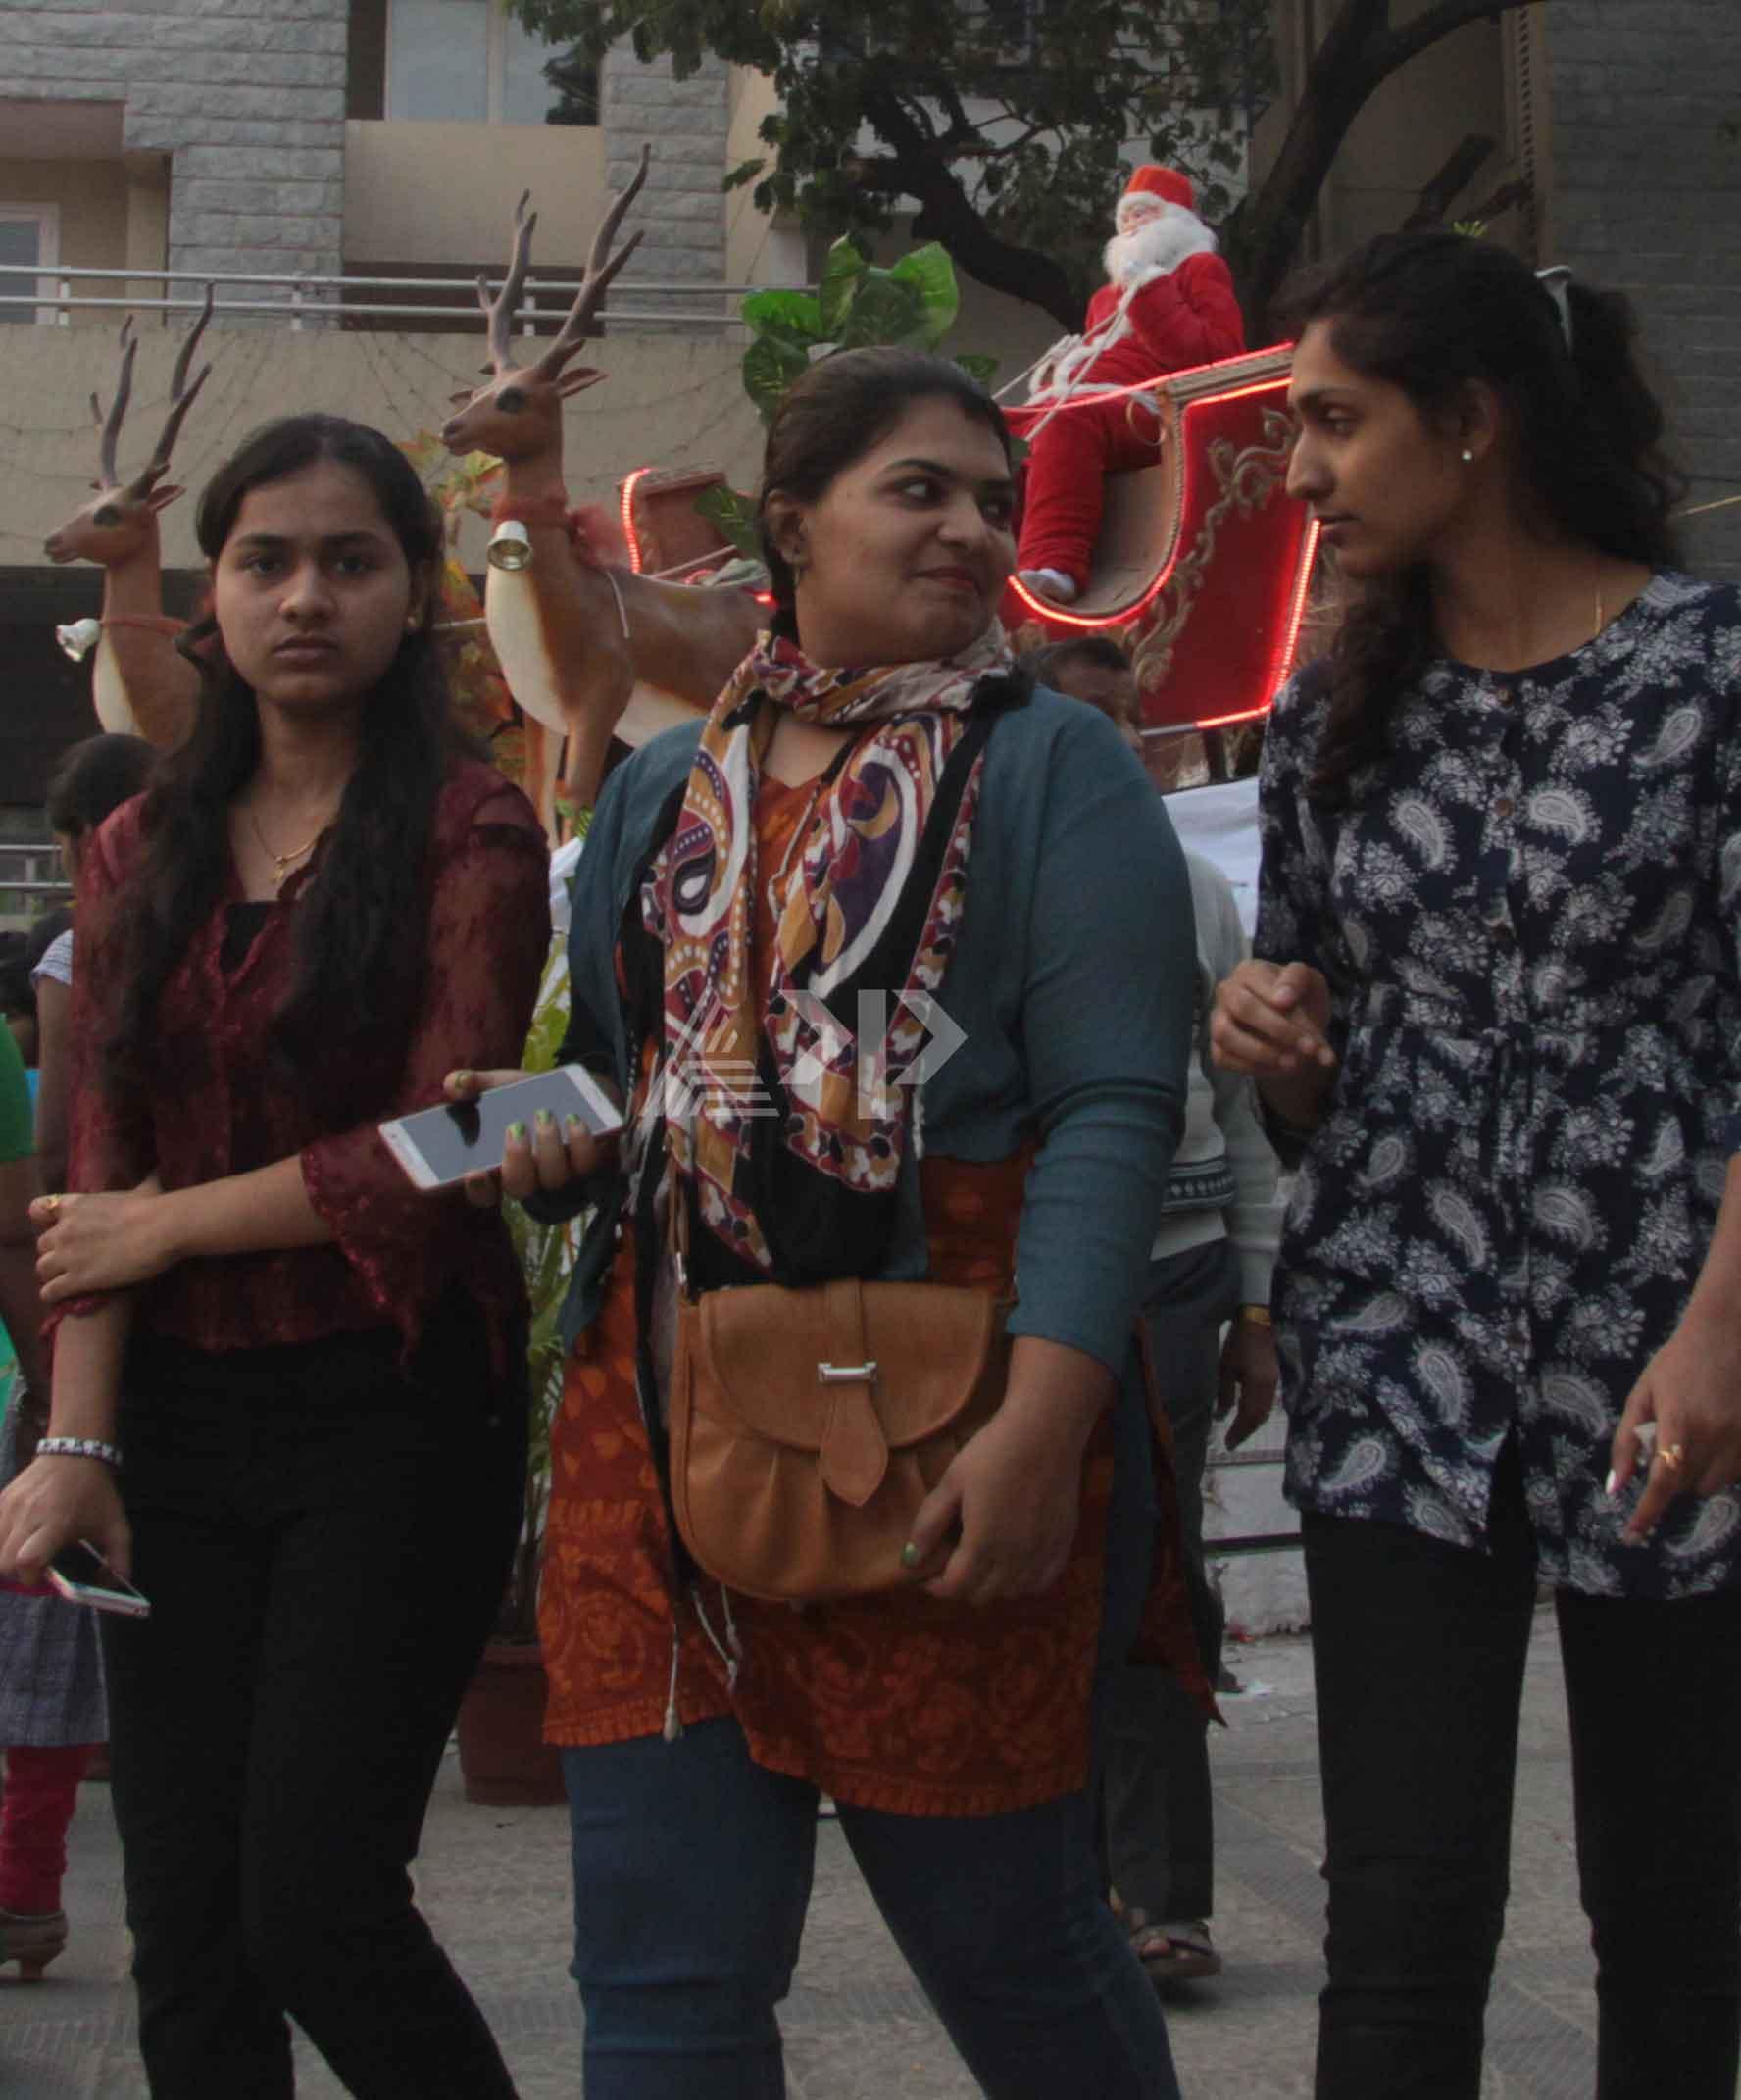 ರಾಜಧಾನಿ ಬೆಂಗಳೂರಿನಲ್ಲಿ ಸಡಗರದ ಕ್ರಿಸ್'ಮಸ್ ಆಚರಣೆ